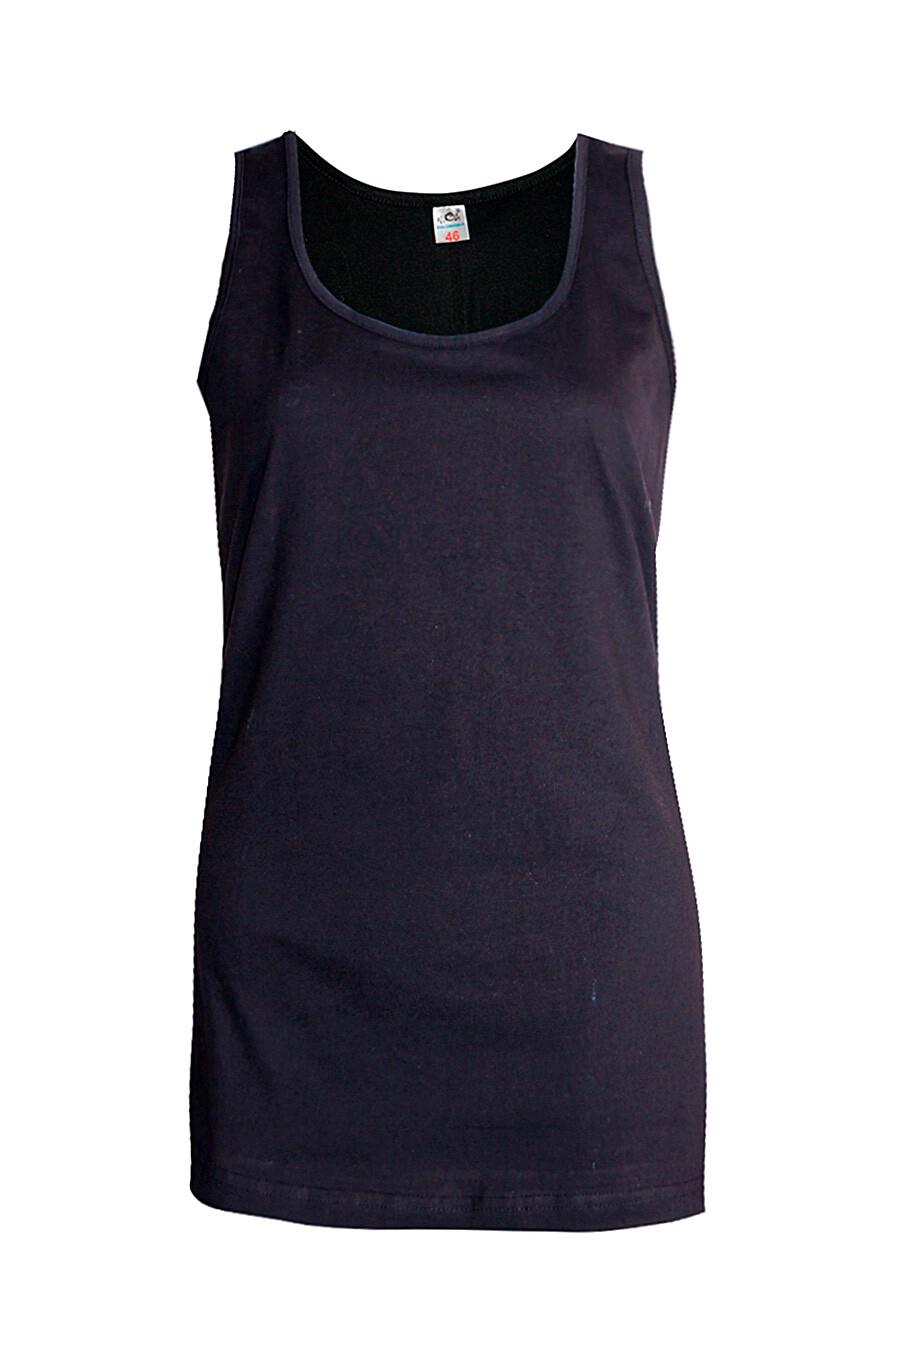 Майка для женщин N.O.A. 239263 купить оптом от производителя. Совместная покупка женской одежды в OptMoyo